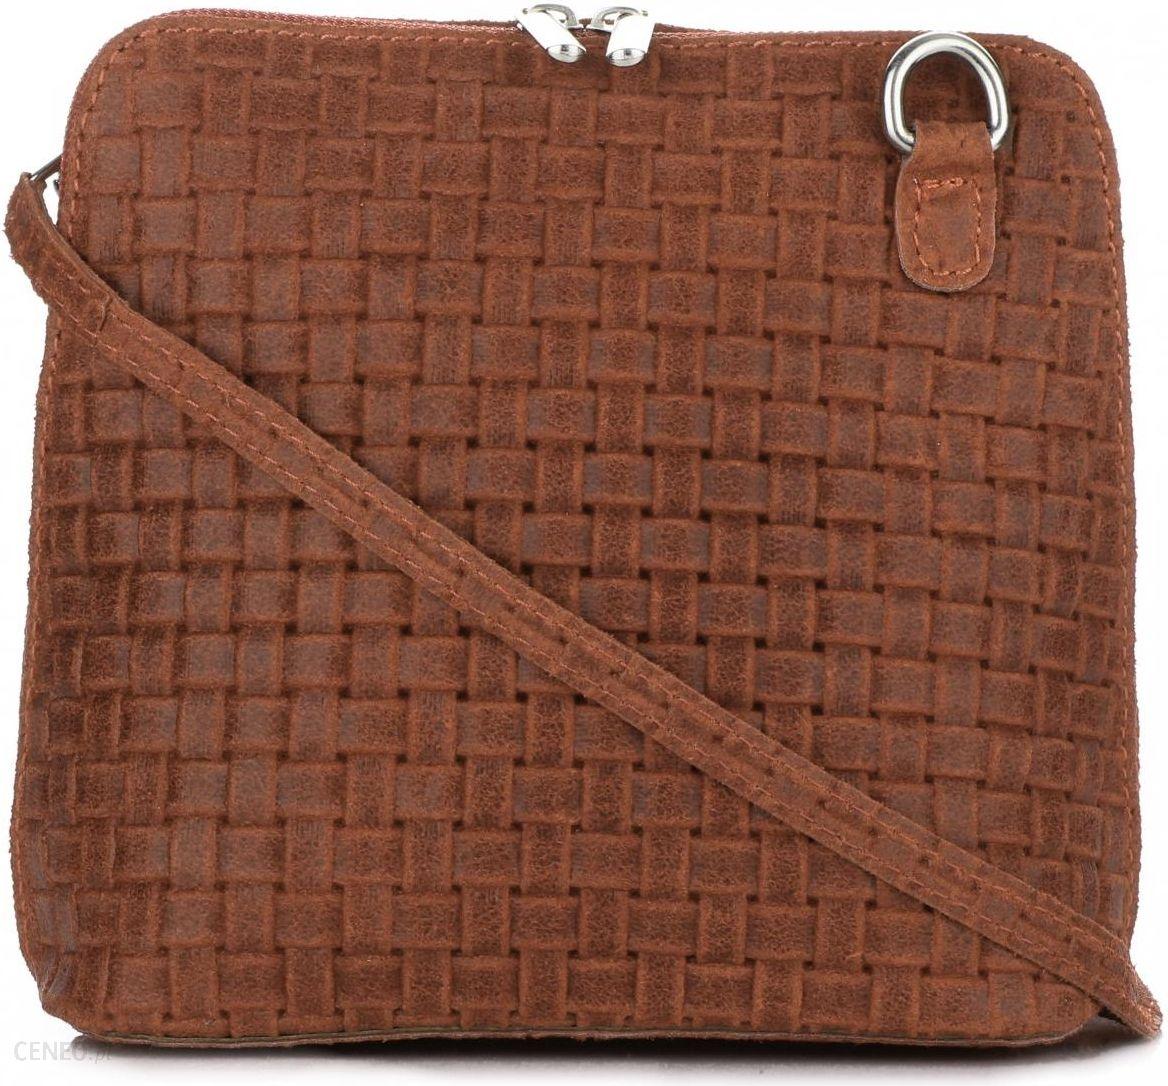 04077a393b4b2 Mała Włoska Torebka Skórzana Listonoszka firmy Genuine Leather Ruda -  zdjęcie 1